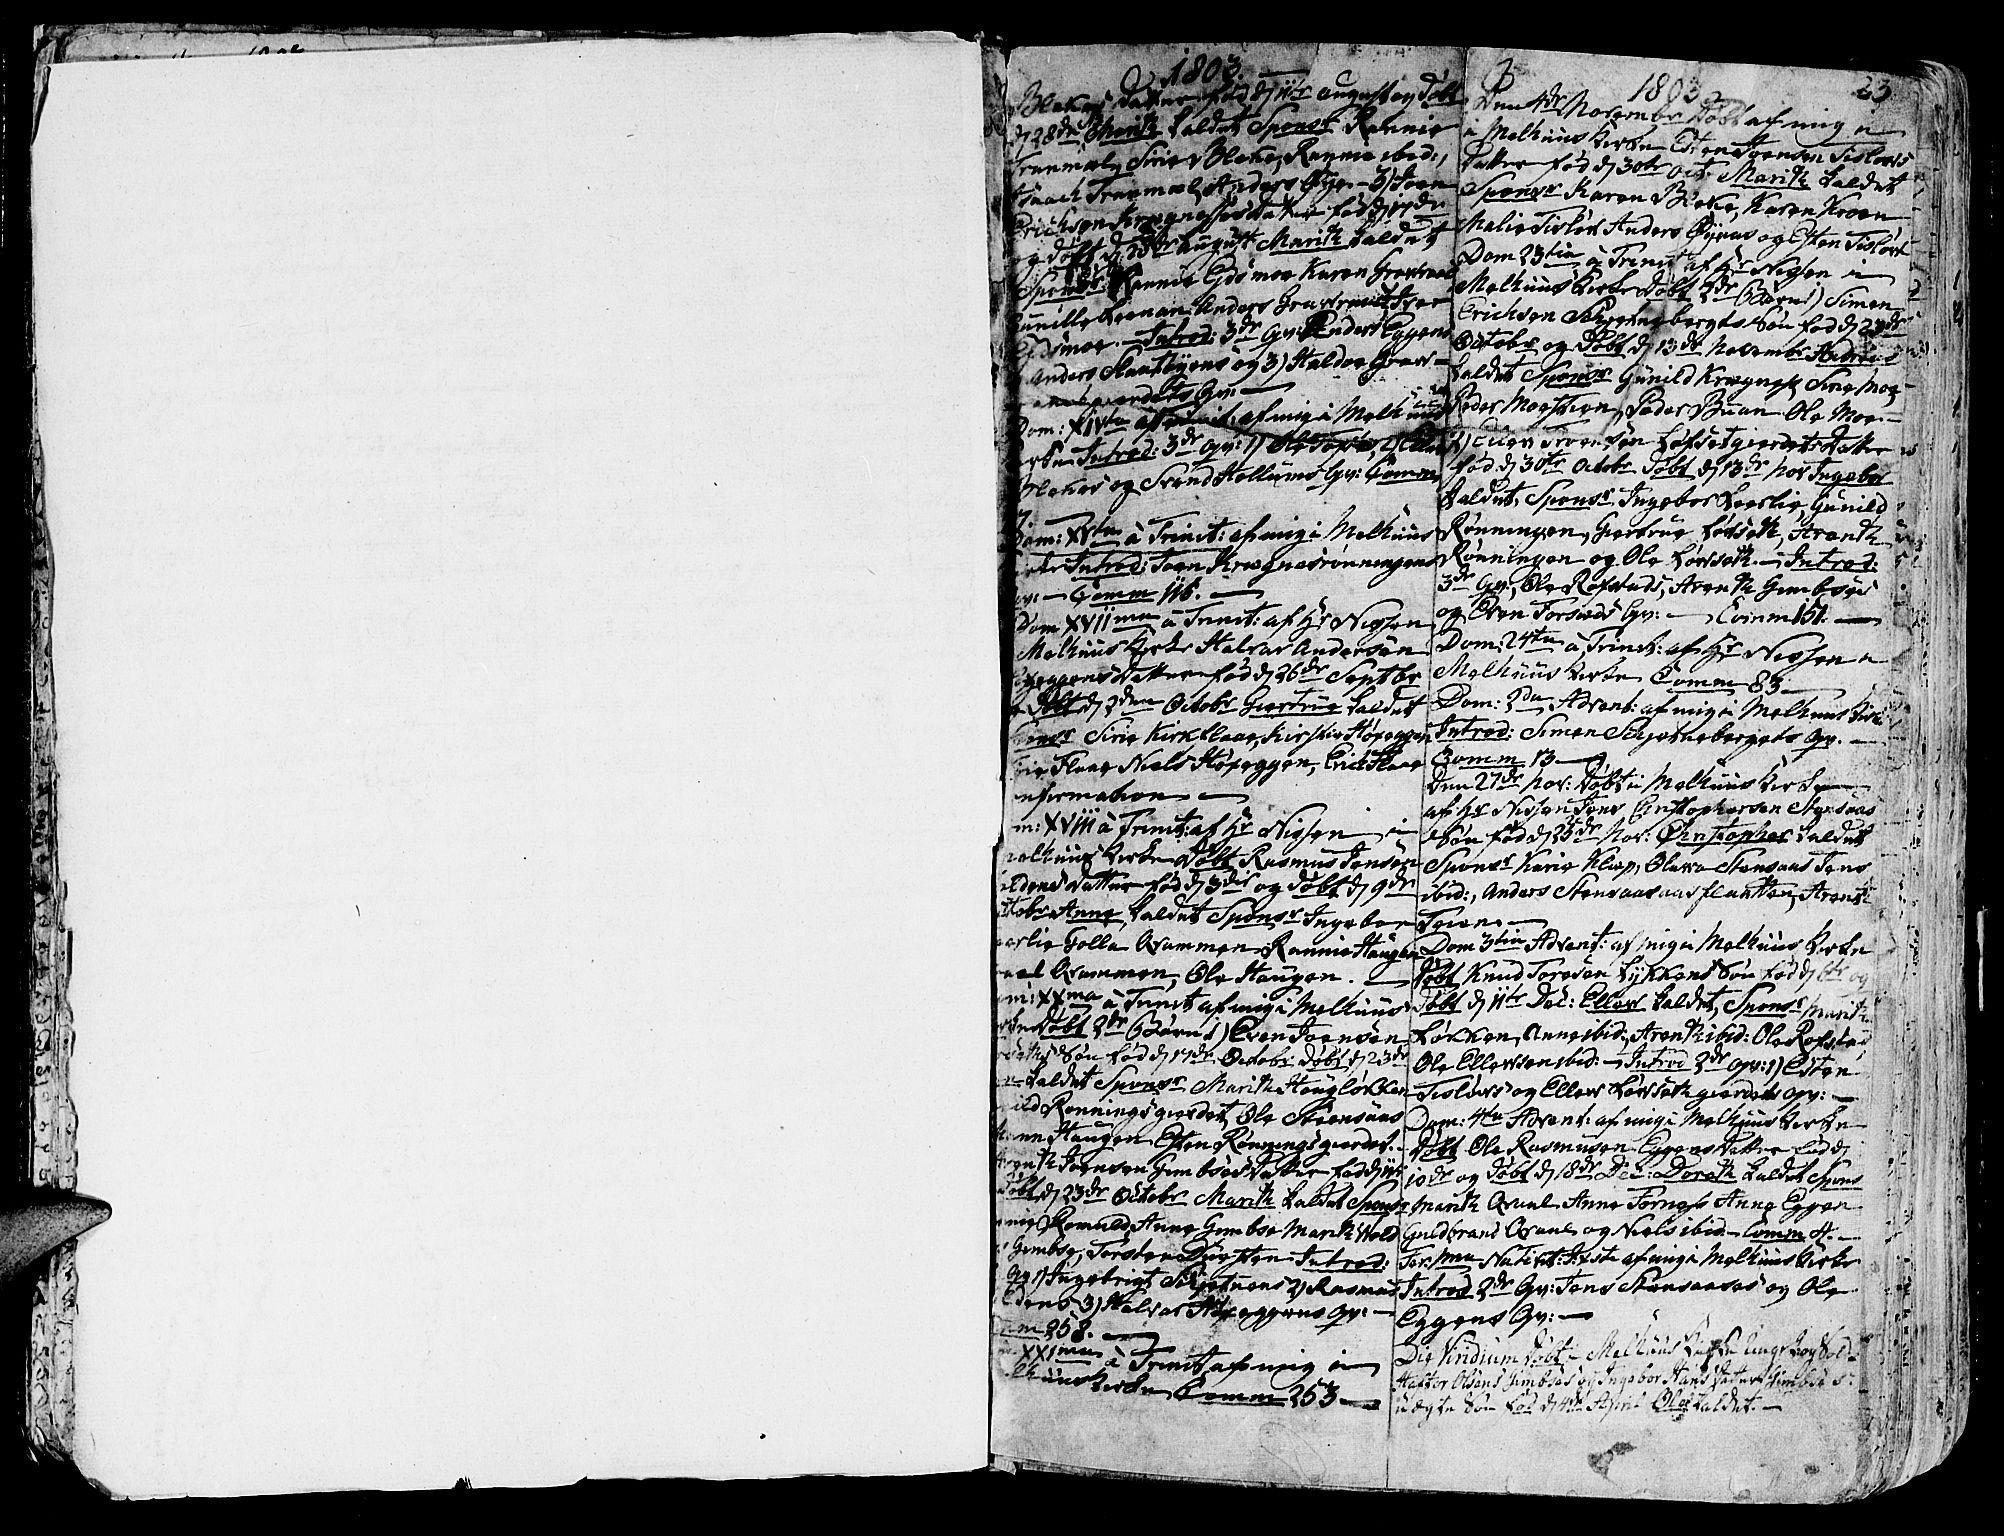 SAT, Ministerialprotokoller, klokkerbøker og fødselsregistre - Sør-Trøndelag, 691/L1061: Ministerialbok nr. 691A02 /1, 1768-1815, s. 23